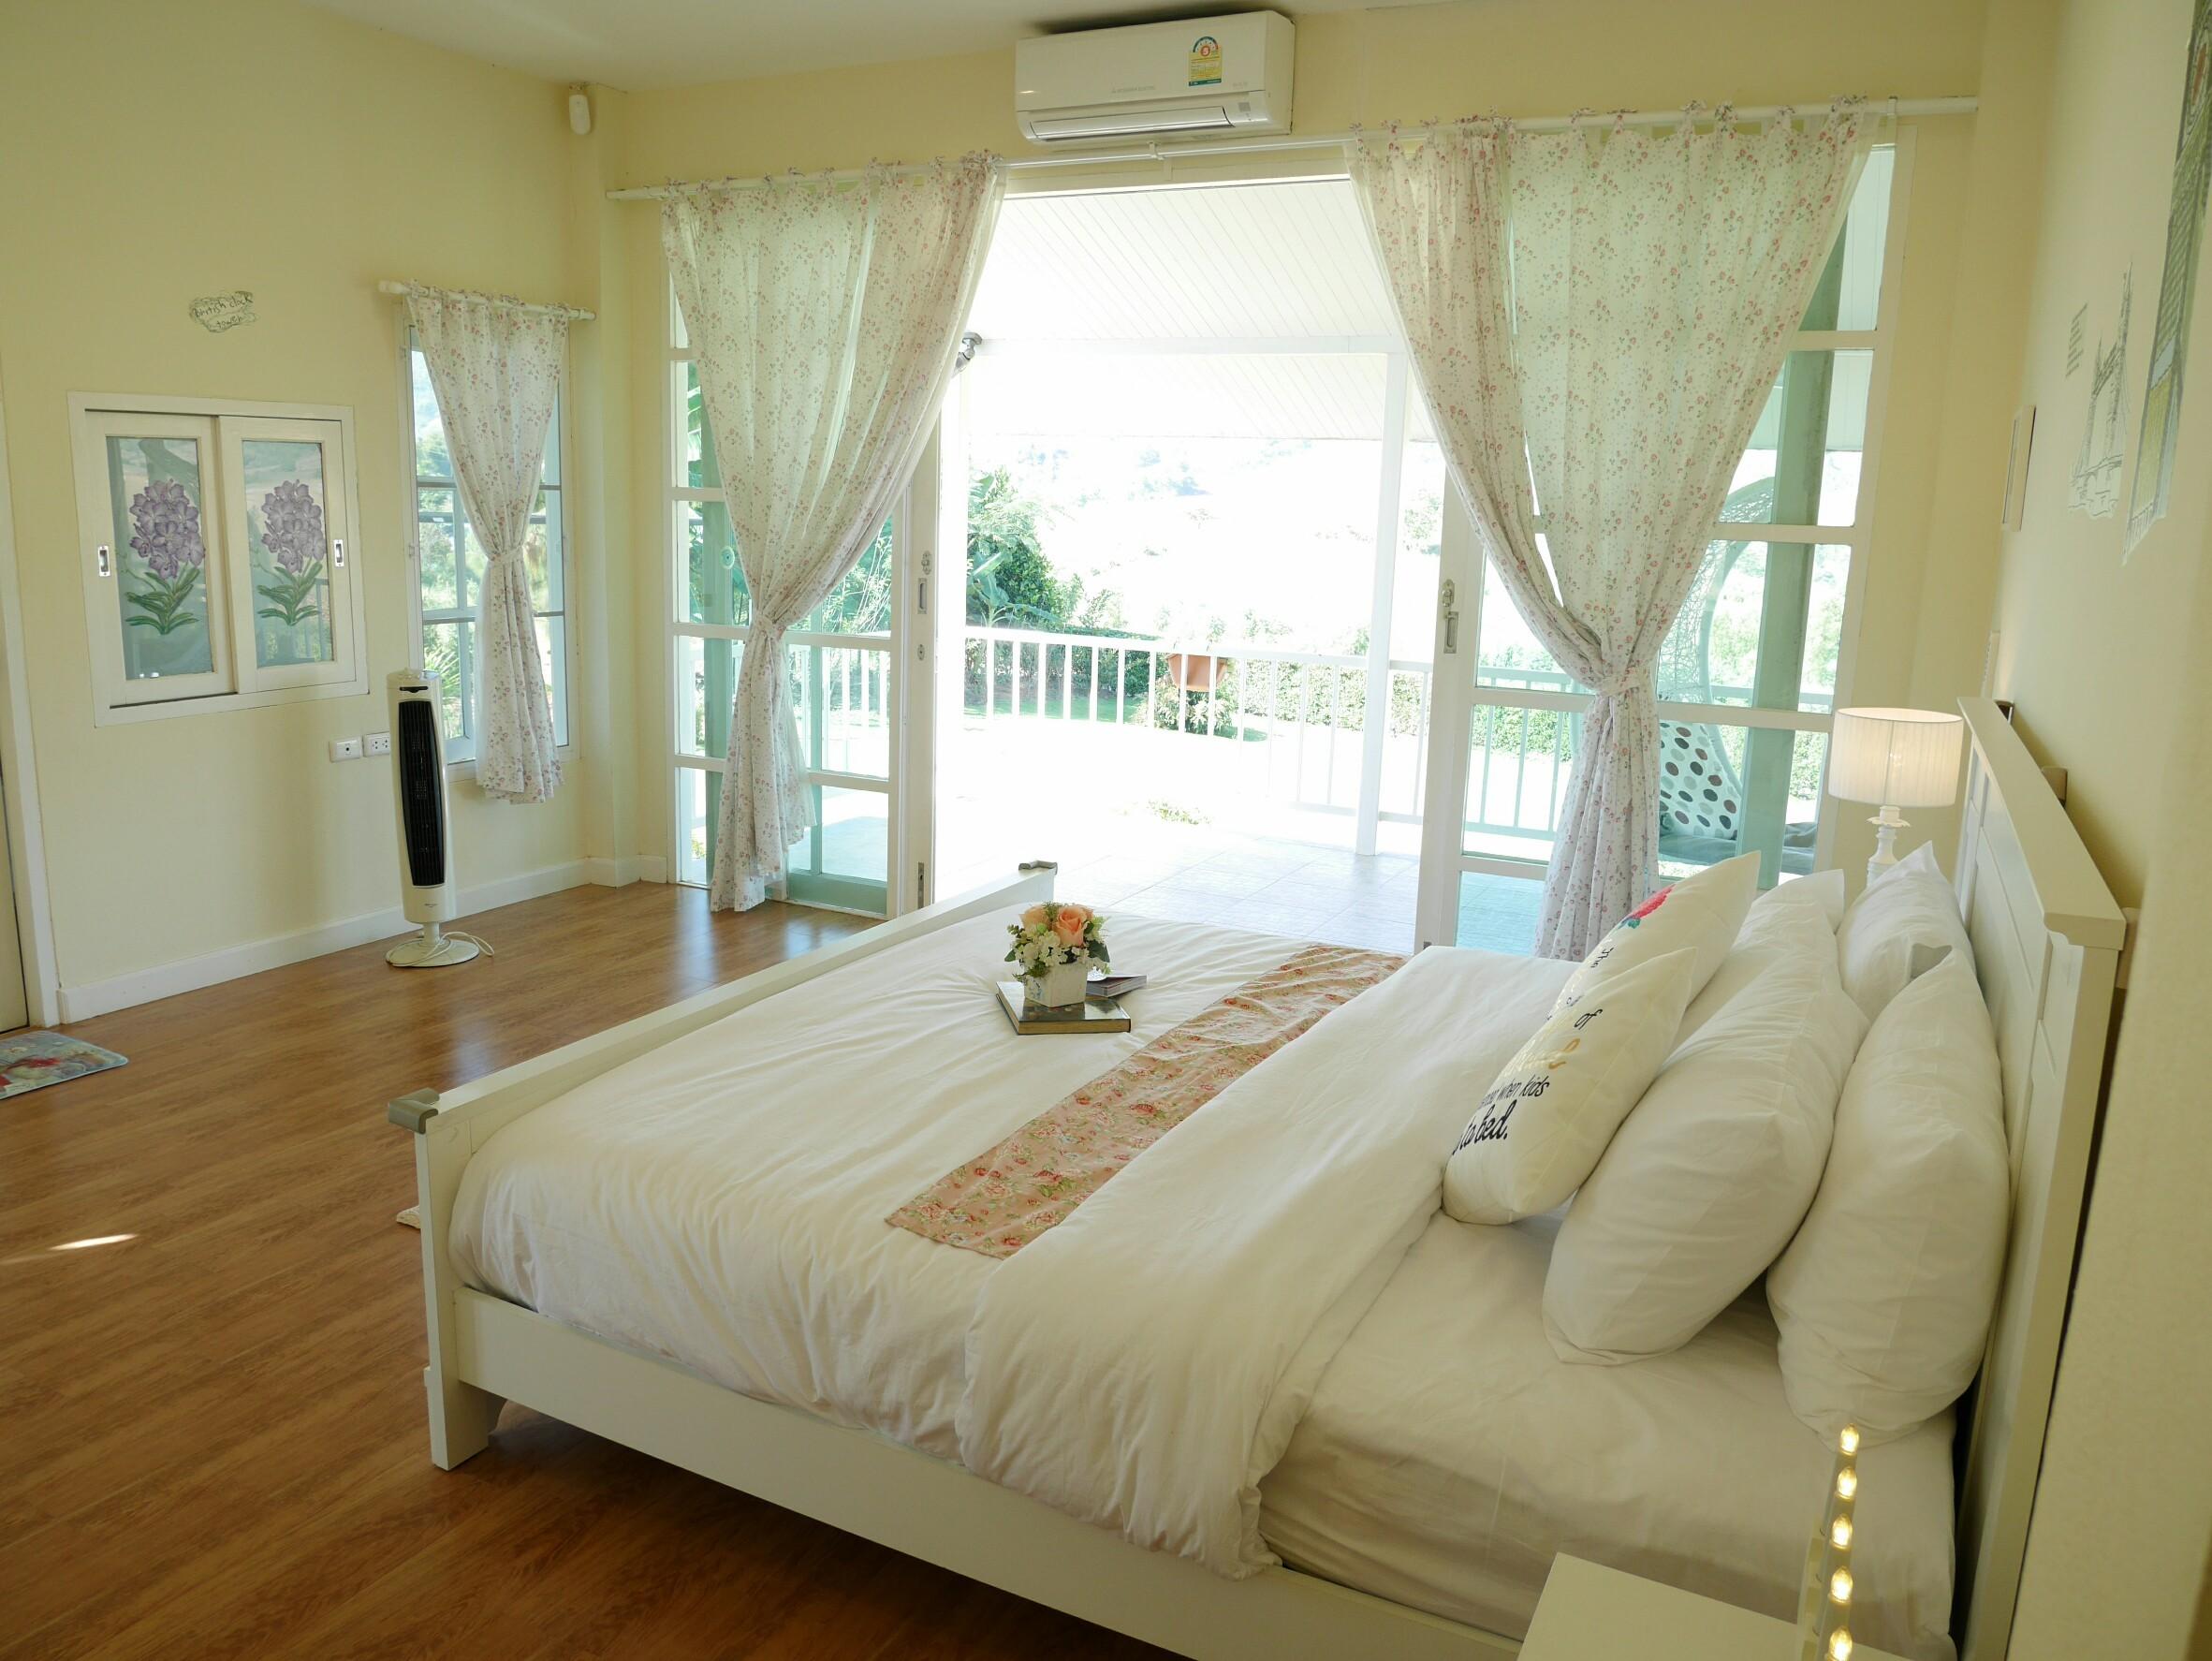 ห้องนอนใหญ่ โปร่ง สะอาด